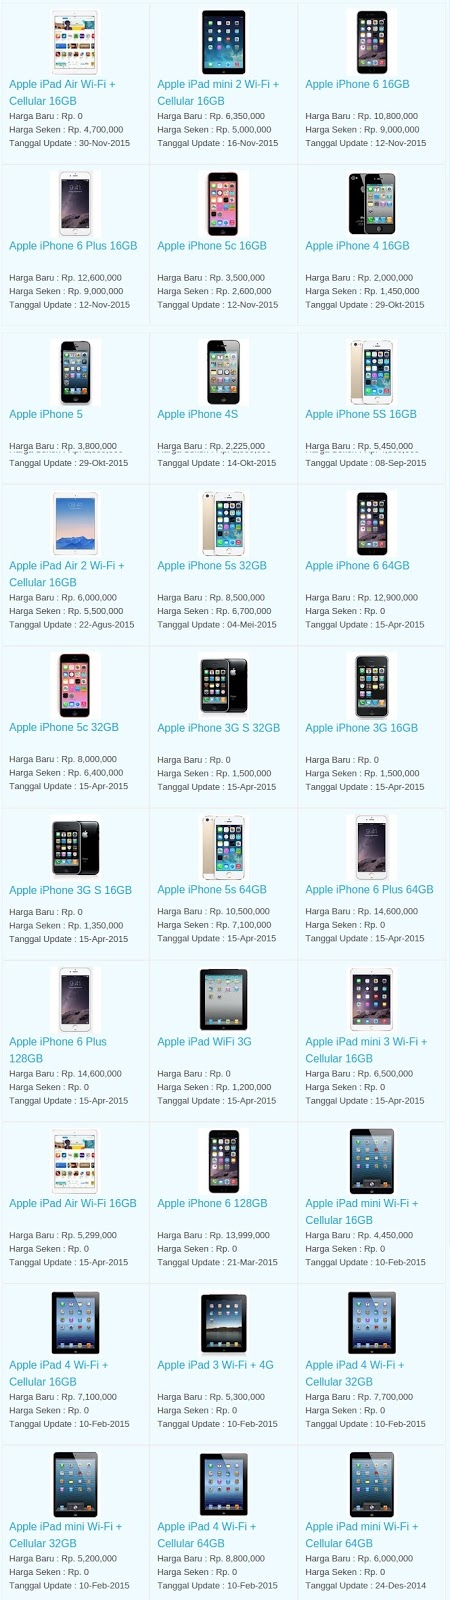 Daftar Harga Hp Oppo Smartphone Terbaru 2015 Update